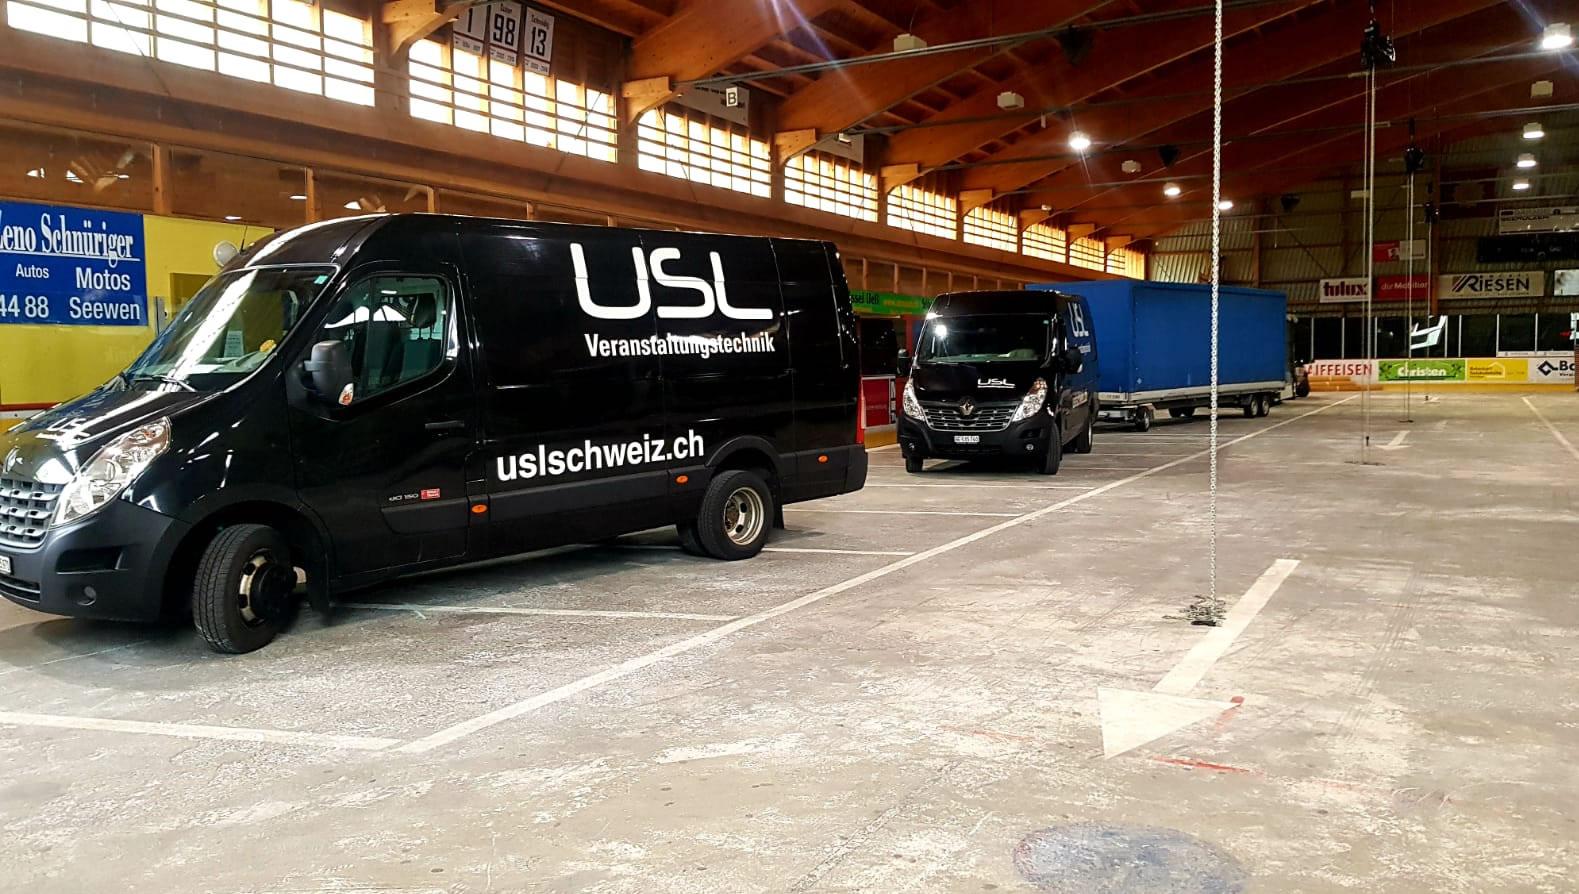 Veranstaltungstechnik für jeden Anlass. USL Schweiz sorg für Spannung an Ihrem Anlass